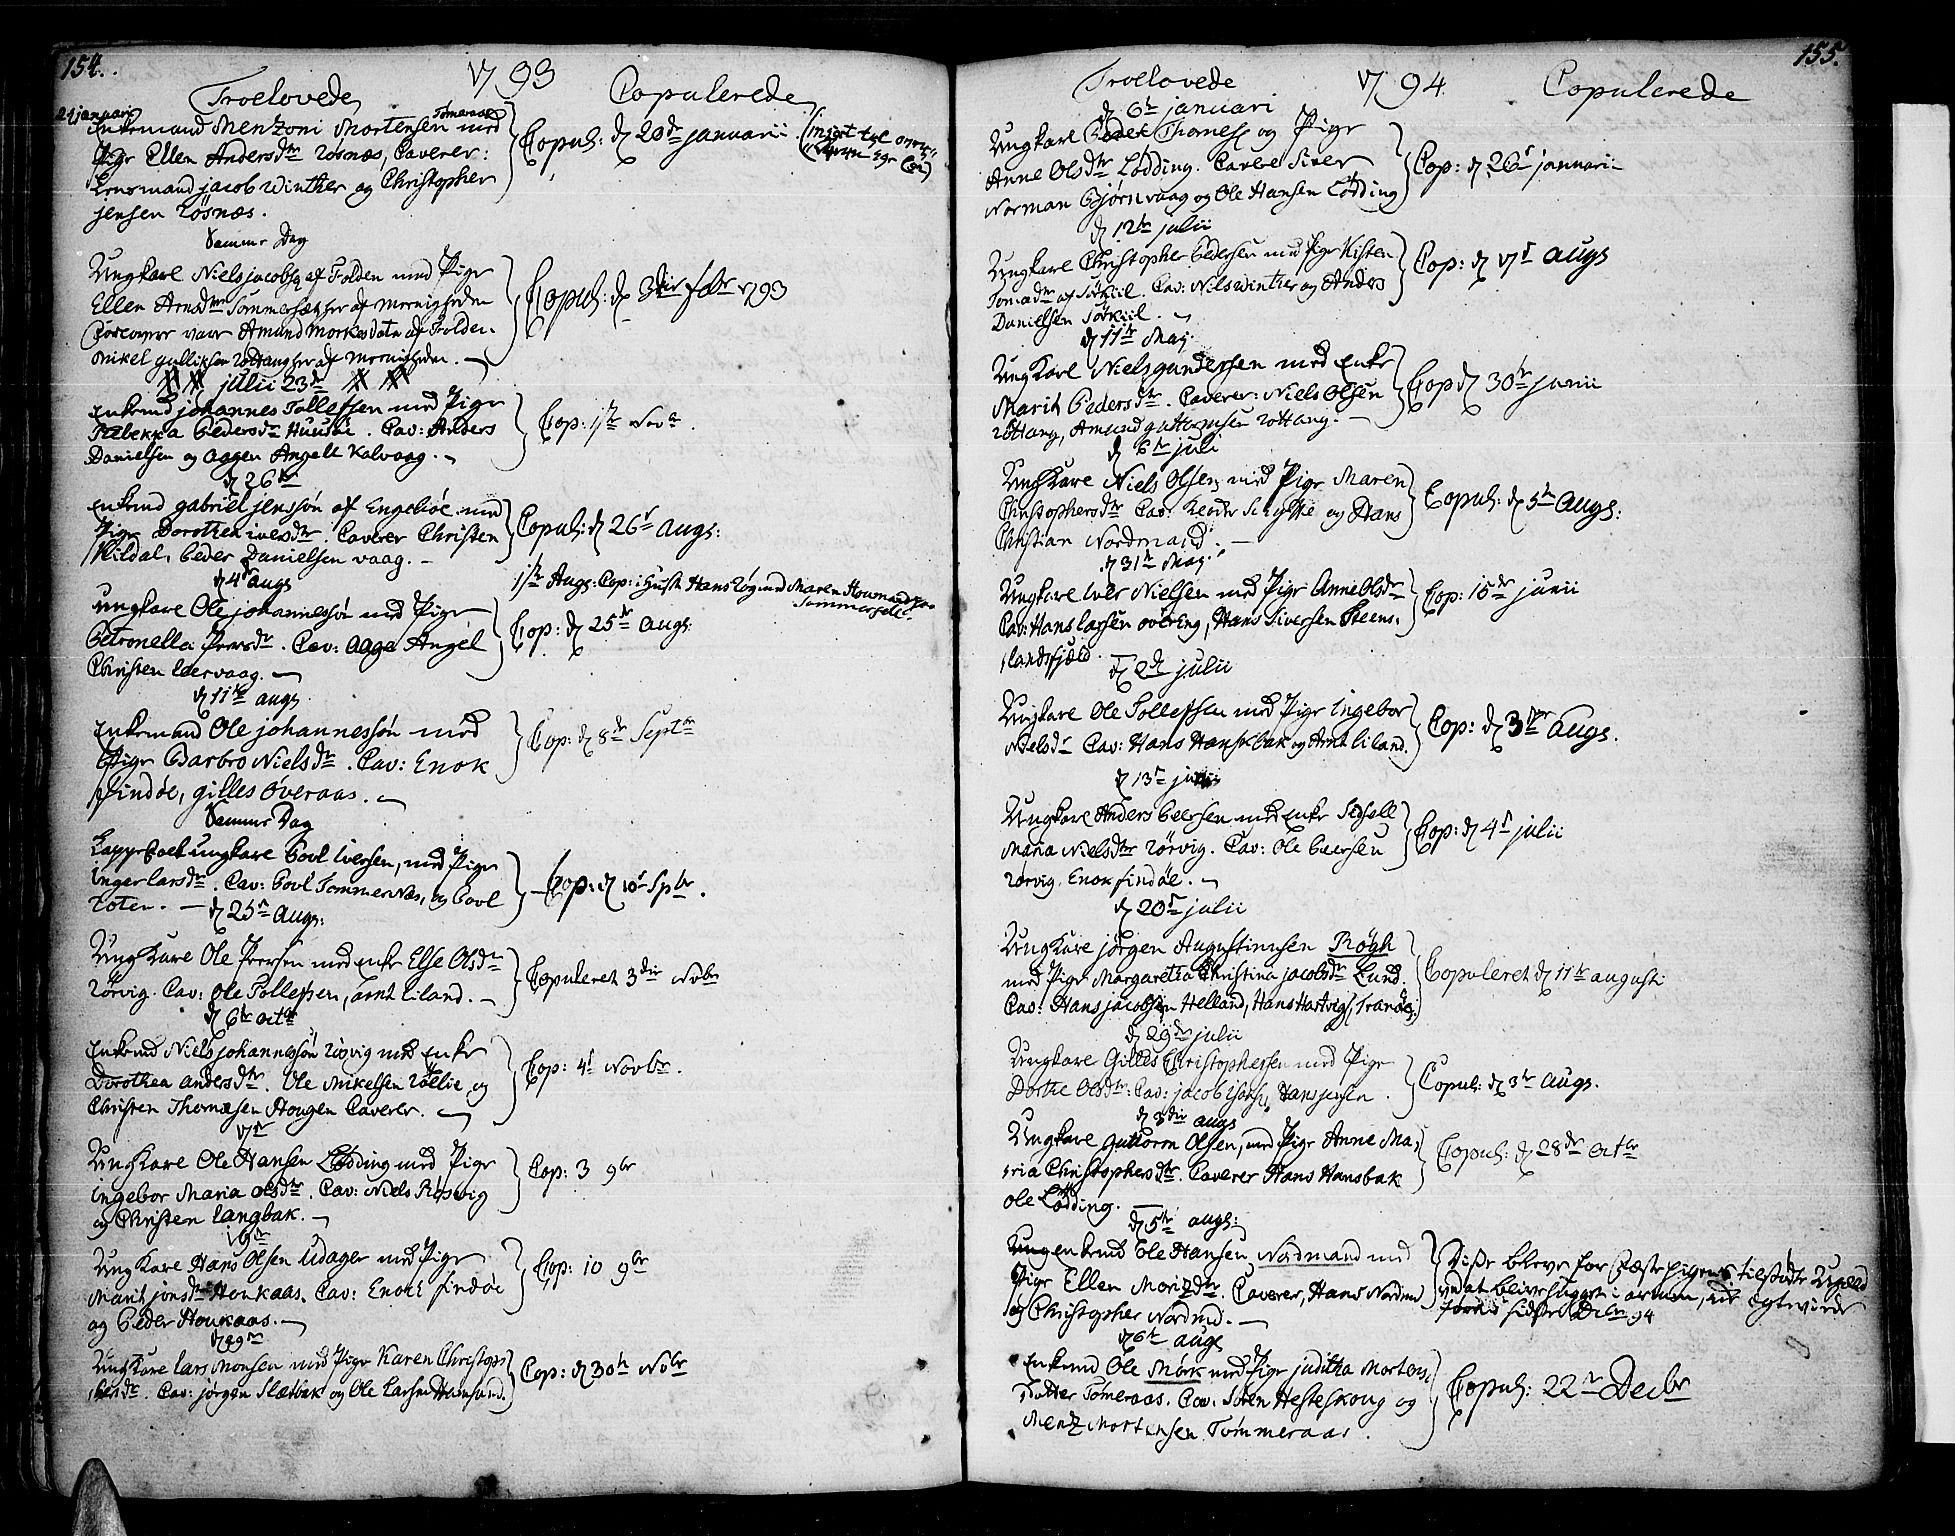 SAT, Ministerialprotokoller, klokkerbøker og fødselsregistre - Nordland, 859/L0841: Parish register (official) no. 859A01, 1766-1821, p. 154-155